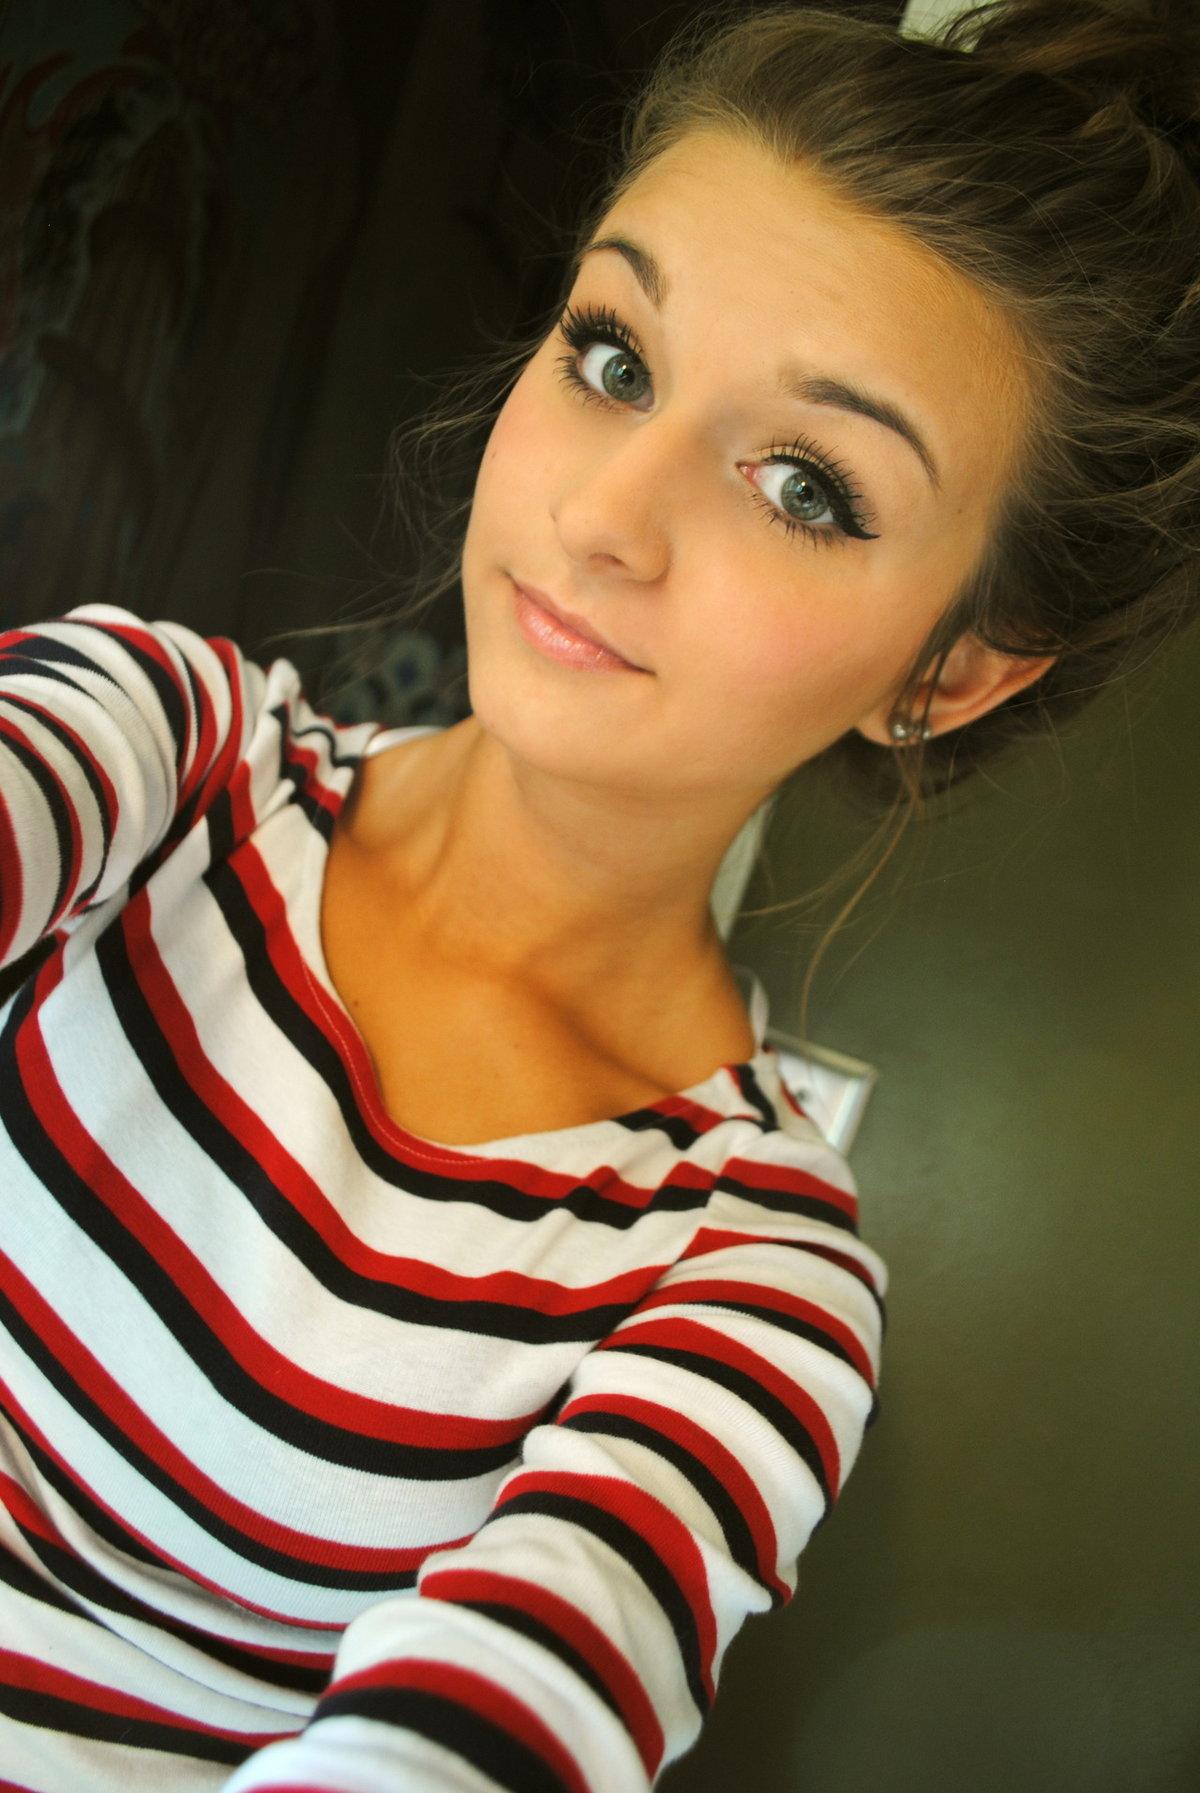 Фото красивые девушки 14 15 лет, прикольных картинок открытка